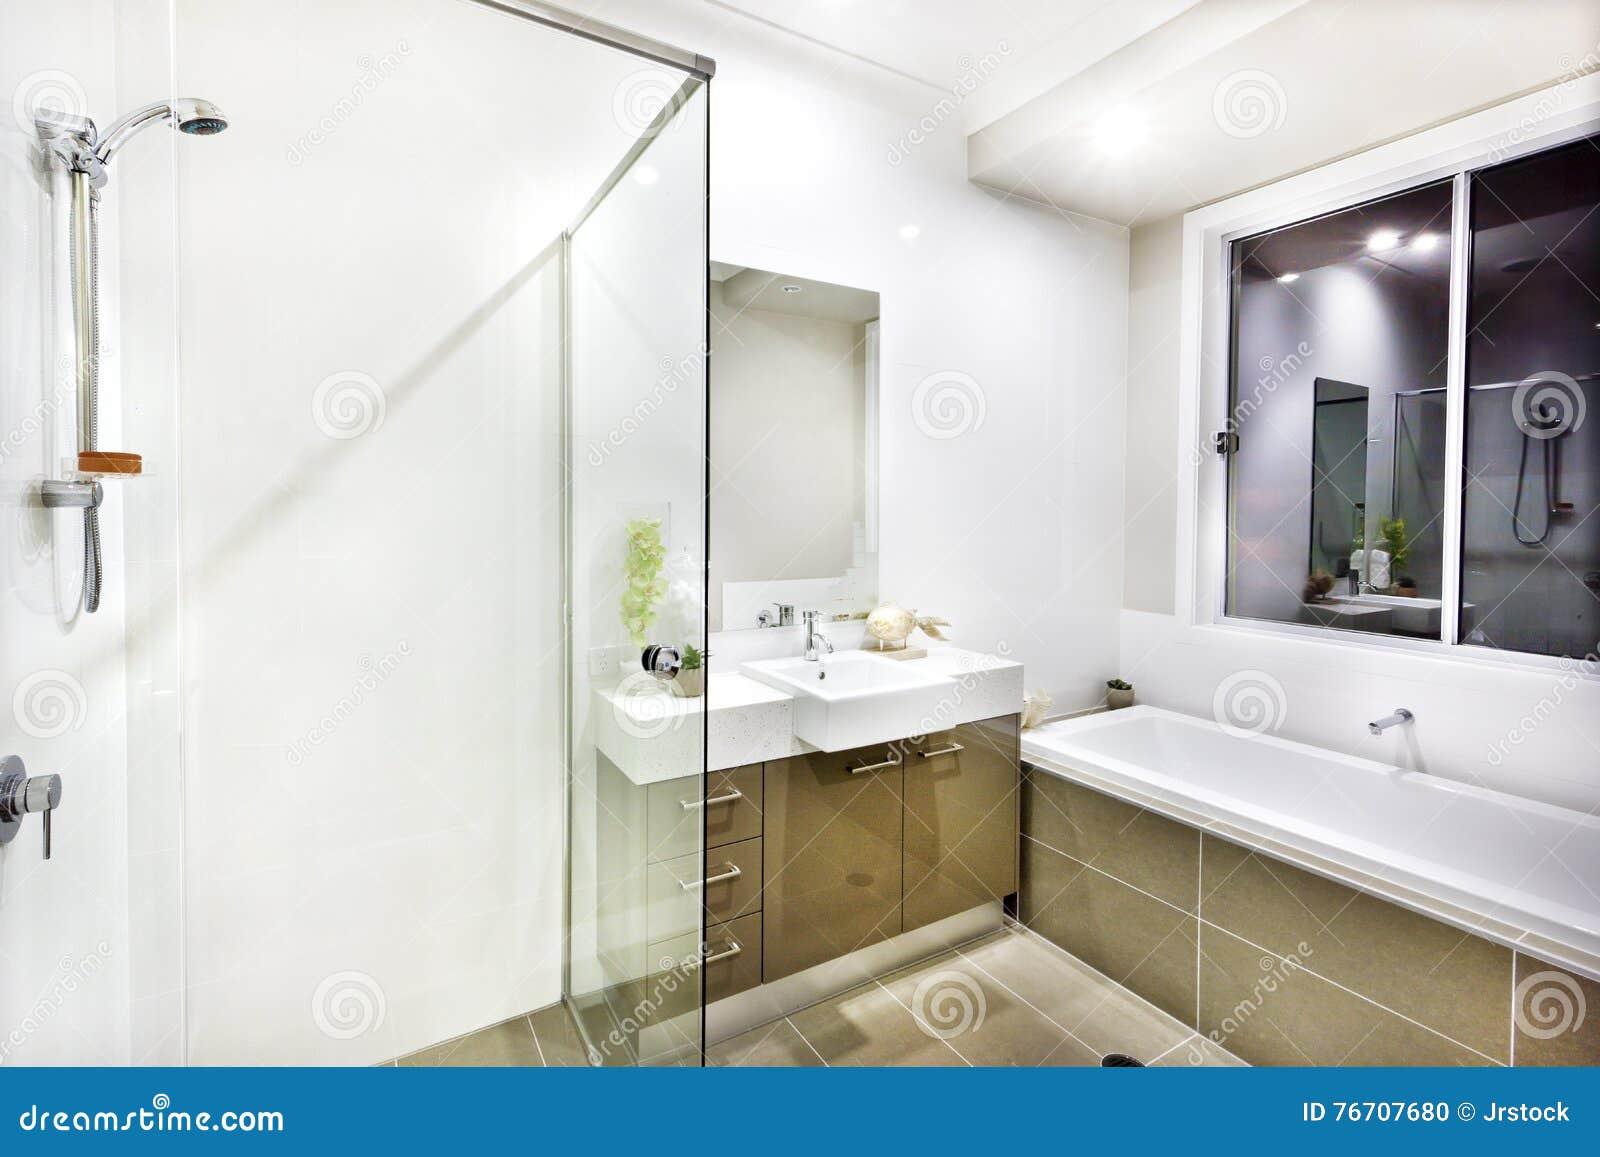 Bagno moderno con un rubinetto una vasca di acqua e le piastrelle per pavimento fotografia - Pavimento bagno moderno ...